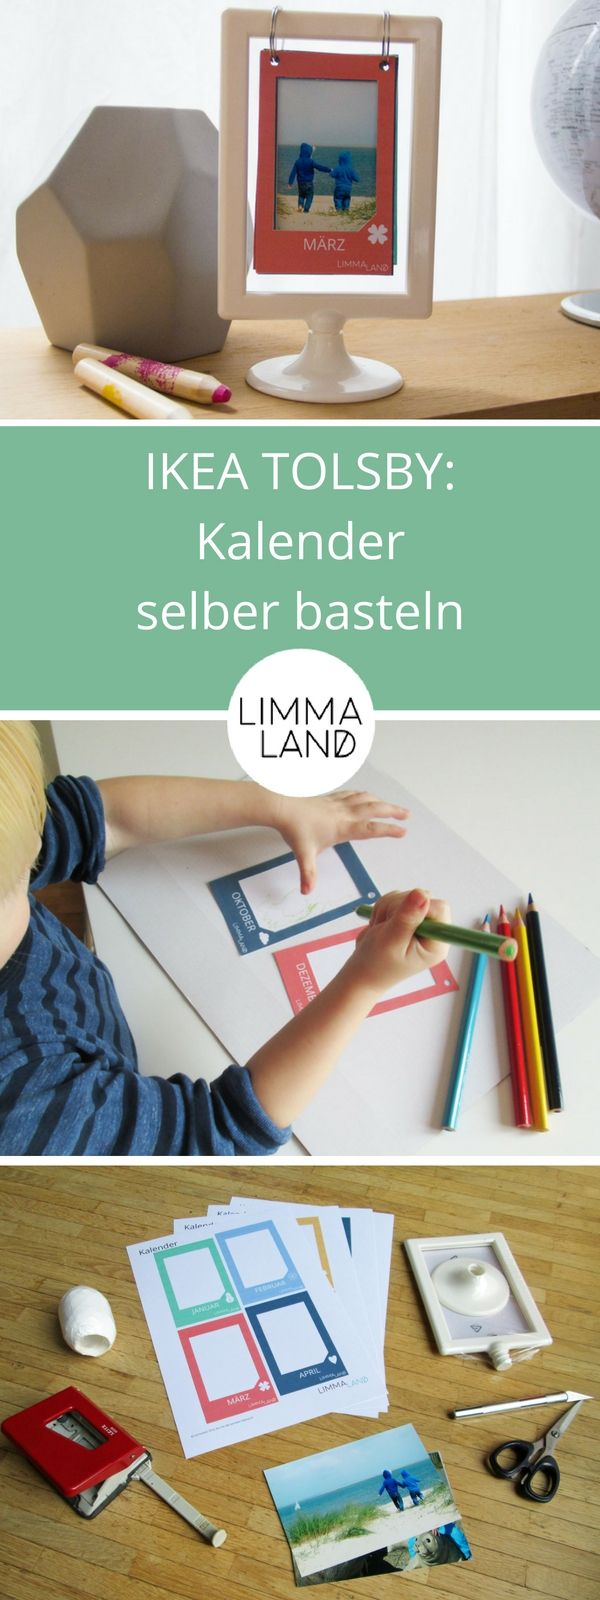 IKEA Kalender selber basteln - Weihnachtsgeschenk für Großeltern ...